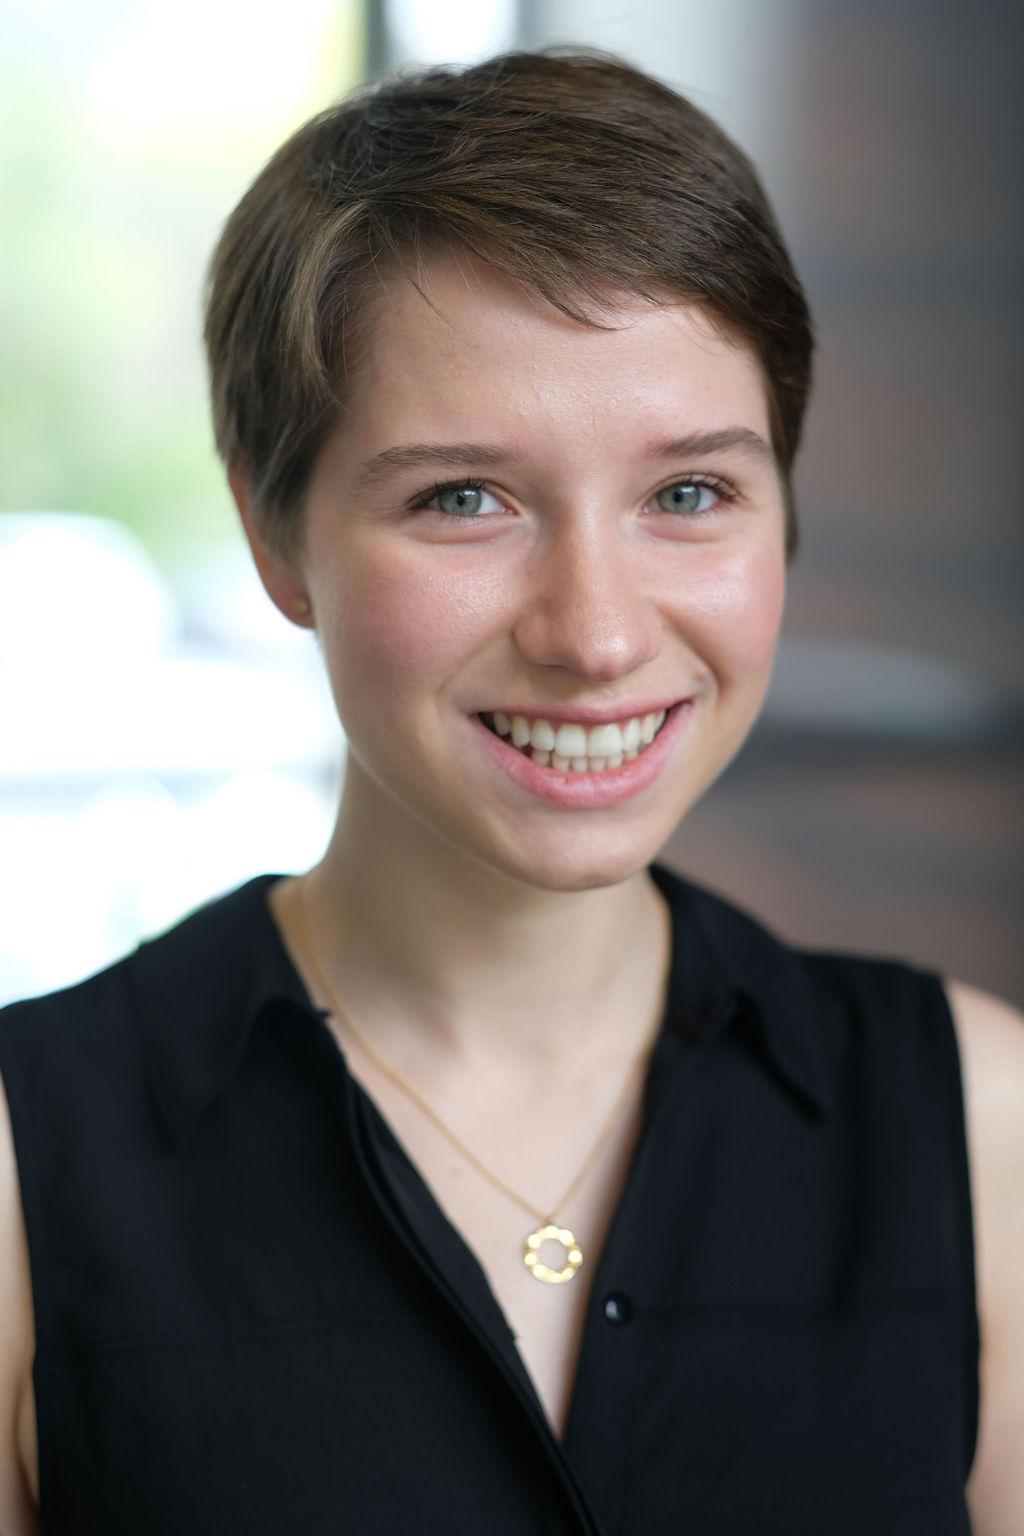 Allison Braithwaite